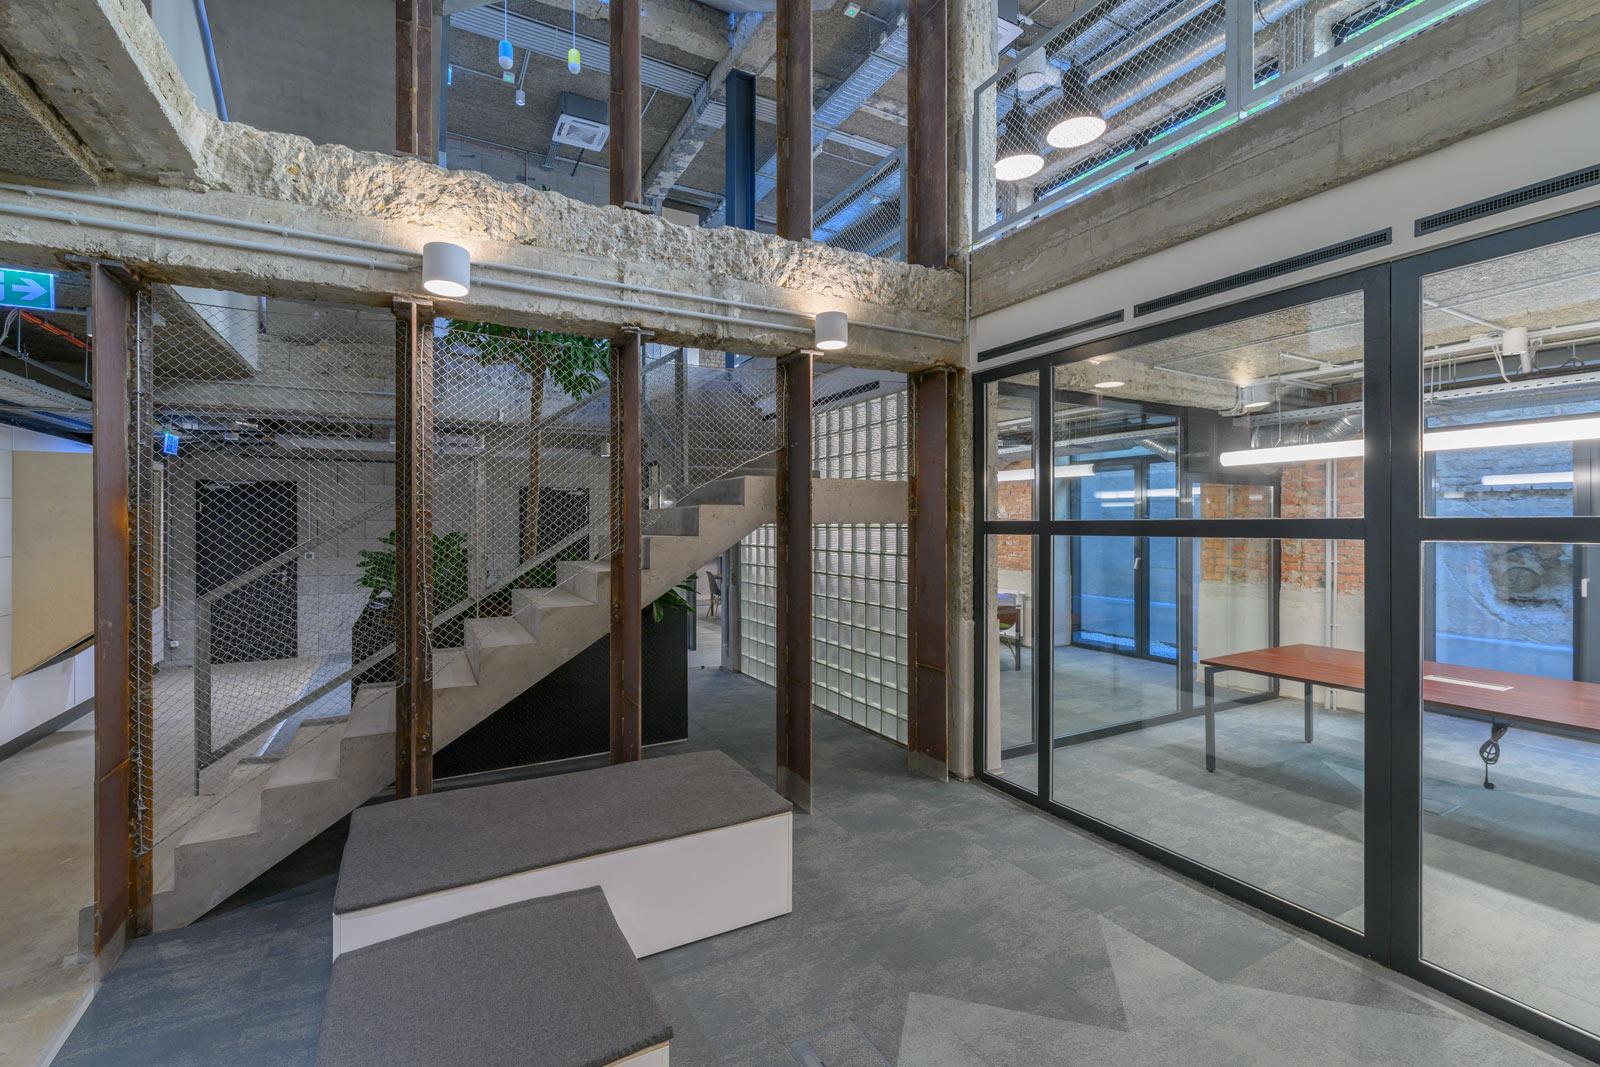 Bánáti-Hartvig Építész Iroda fit-out munkálatainak elvégzése